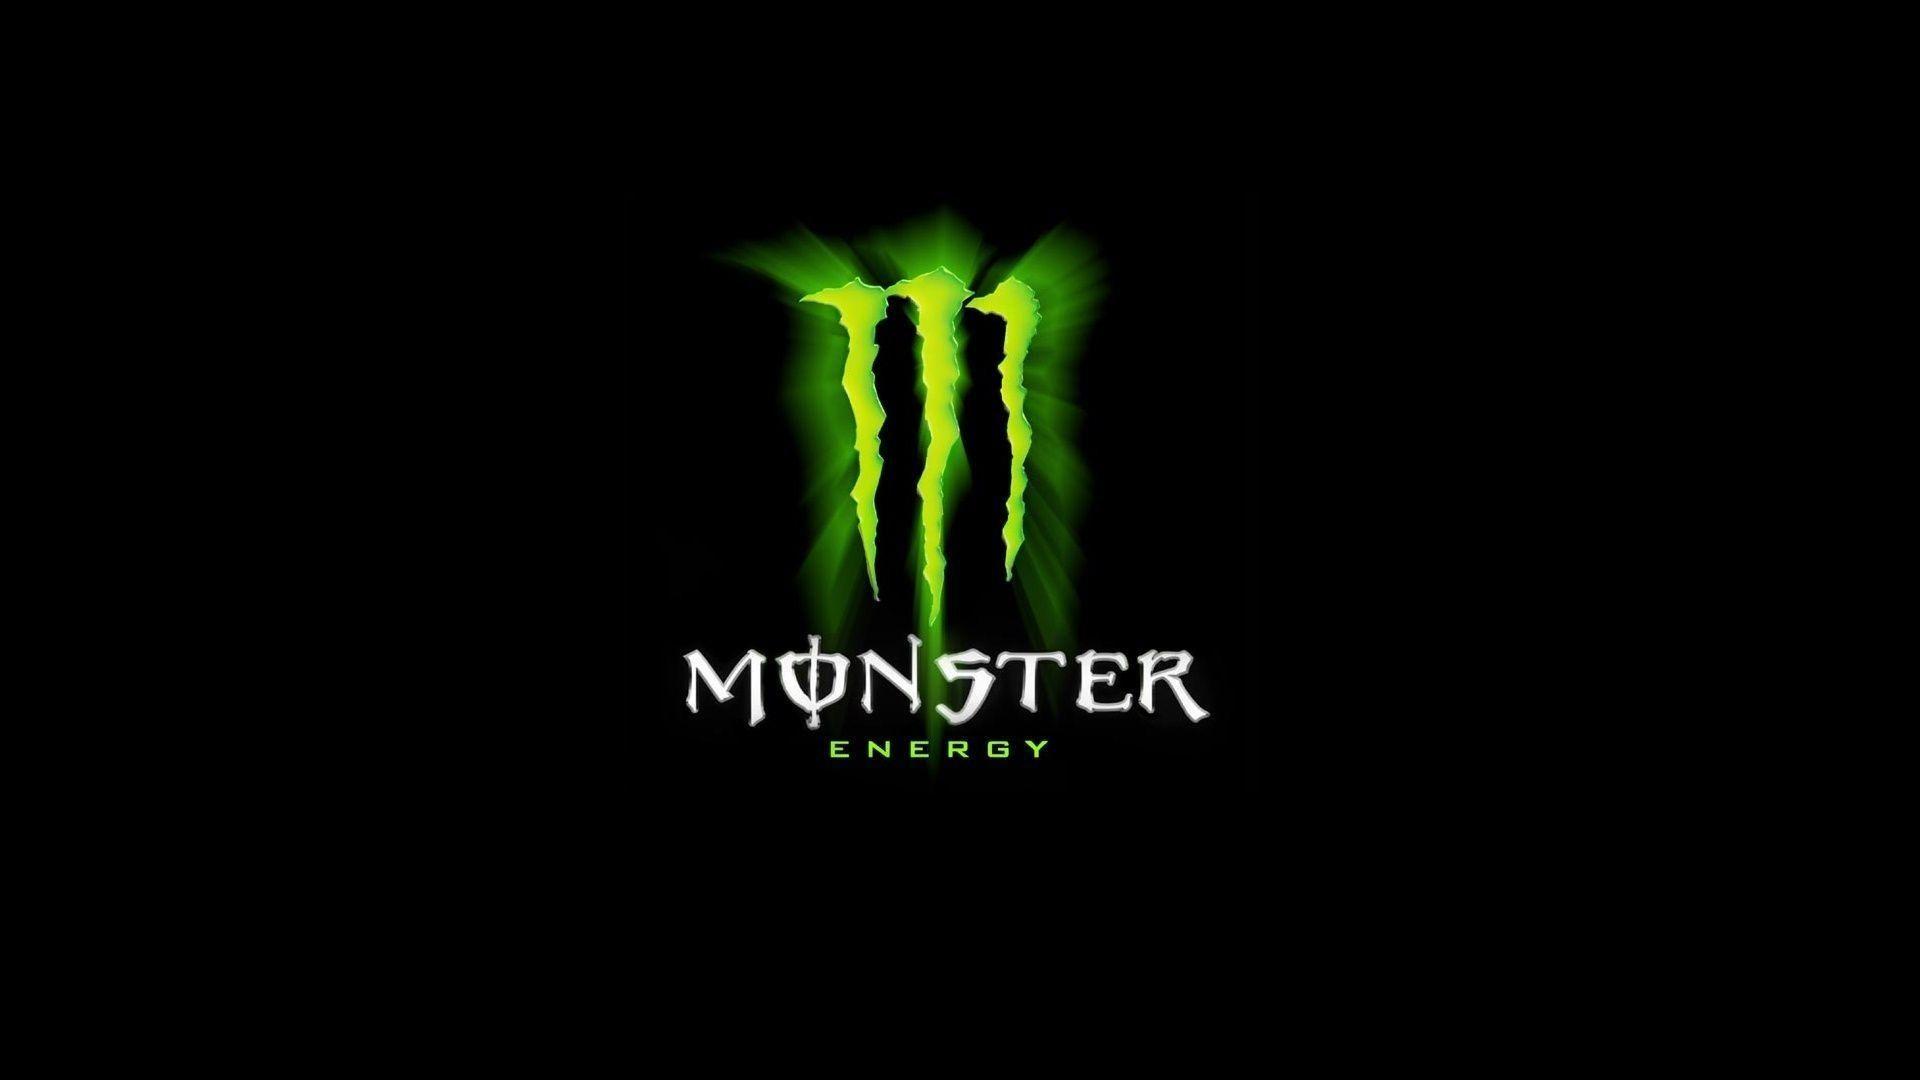 10 Latest Monster Energy Wallpaper Hd Full Hd 1080p For Pc Desktop Monster Energy Energy Logo Monster Energy Drink Logo